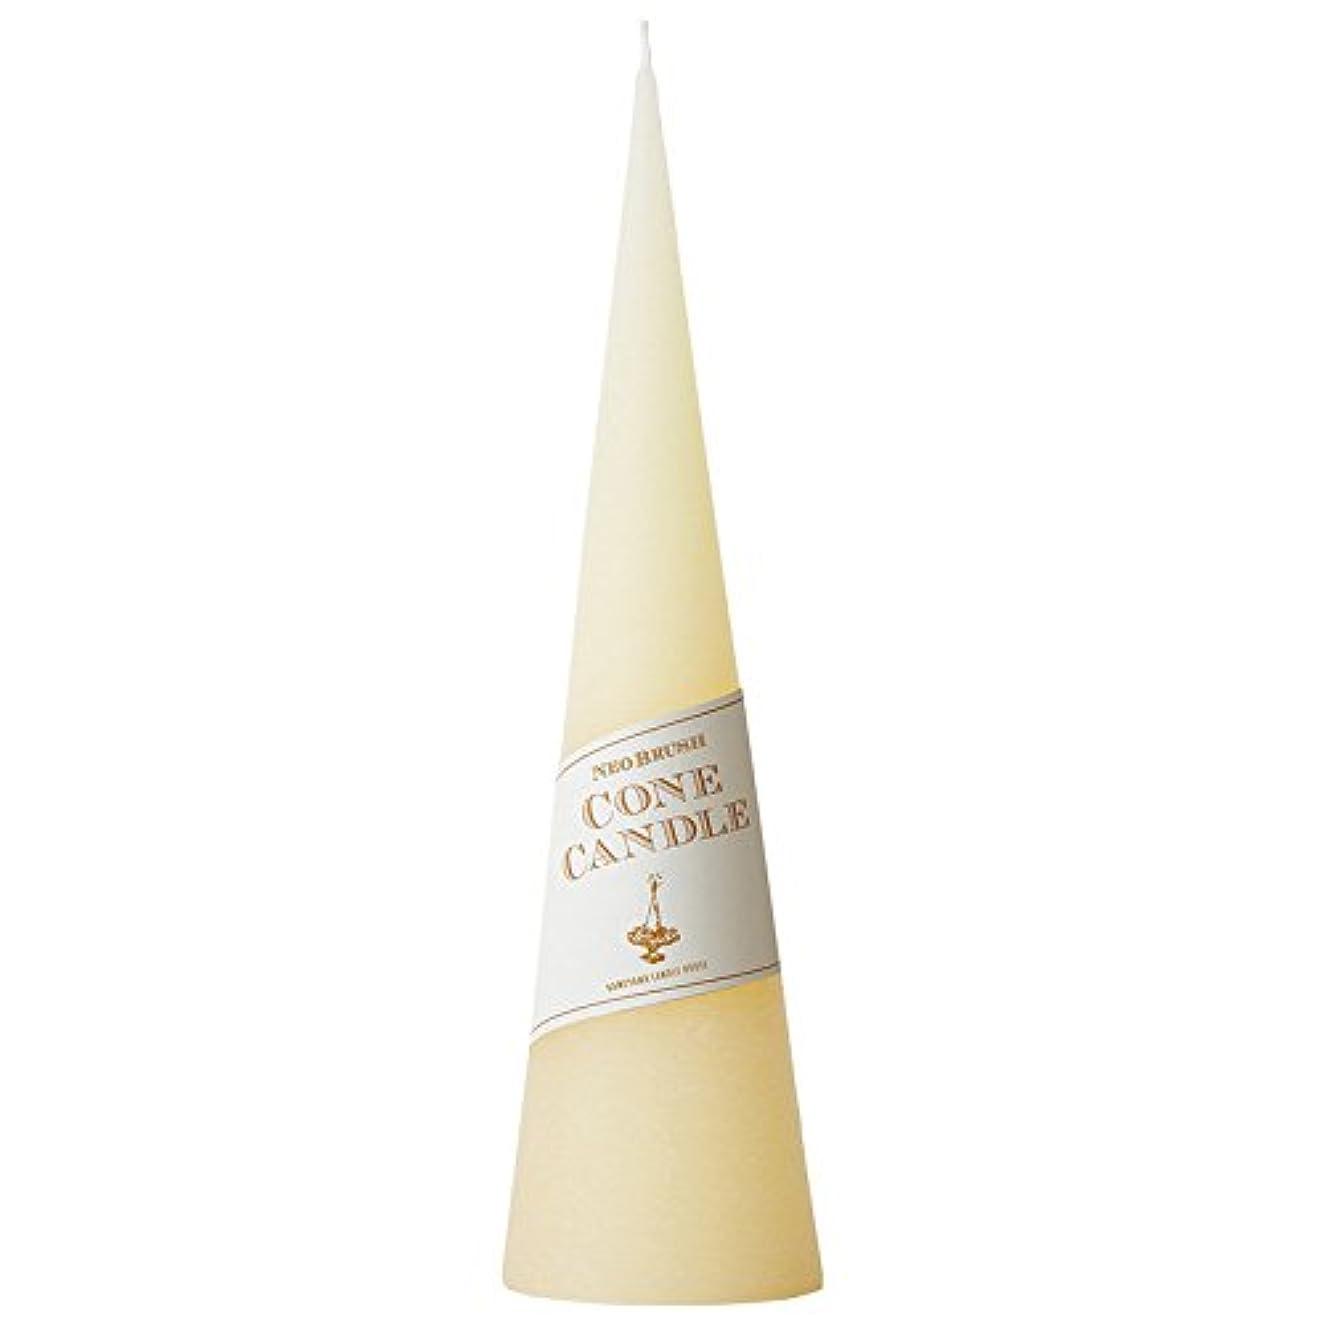 の慈悲でチャールズキージング必要カメヤマキャンドルハウス ネオブラッシュコーン キャンドル 230mm アイボリー